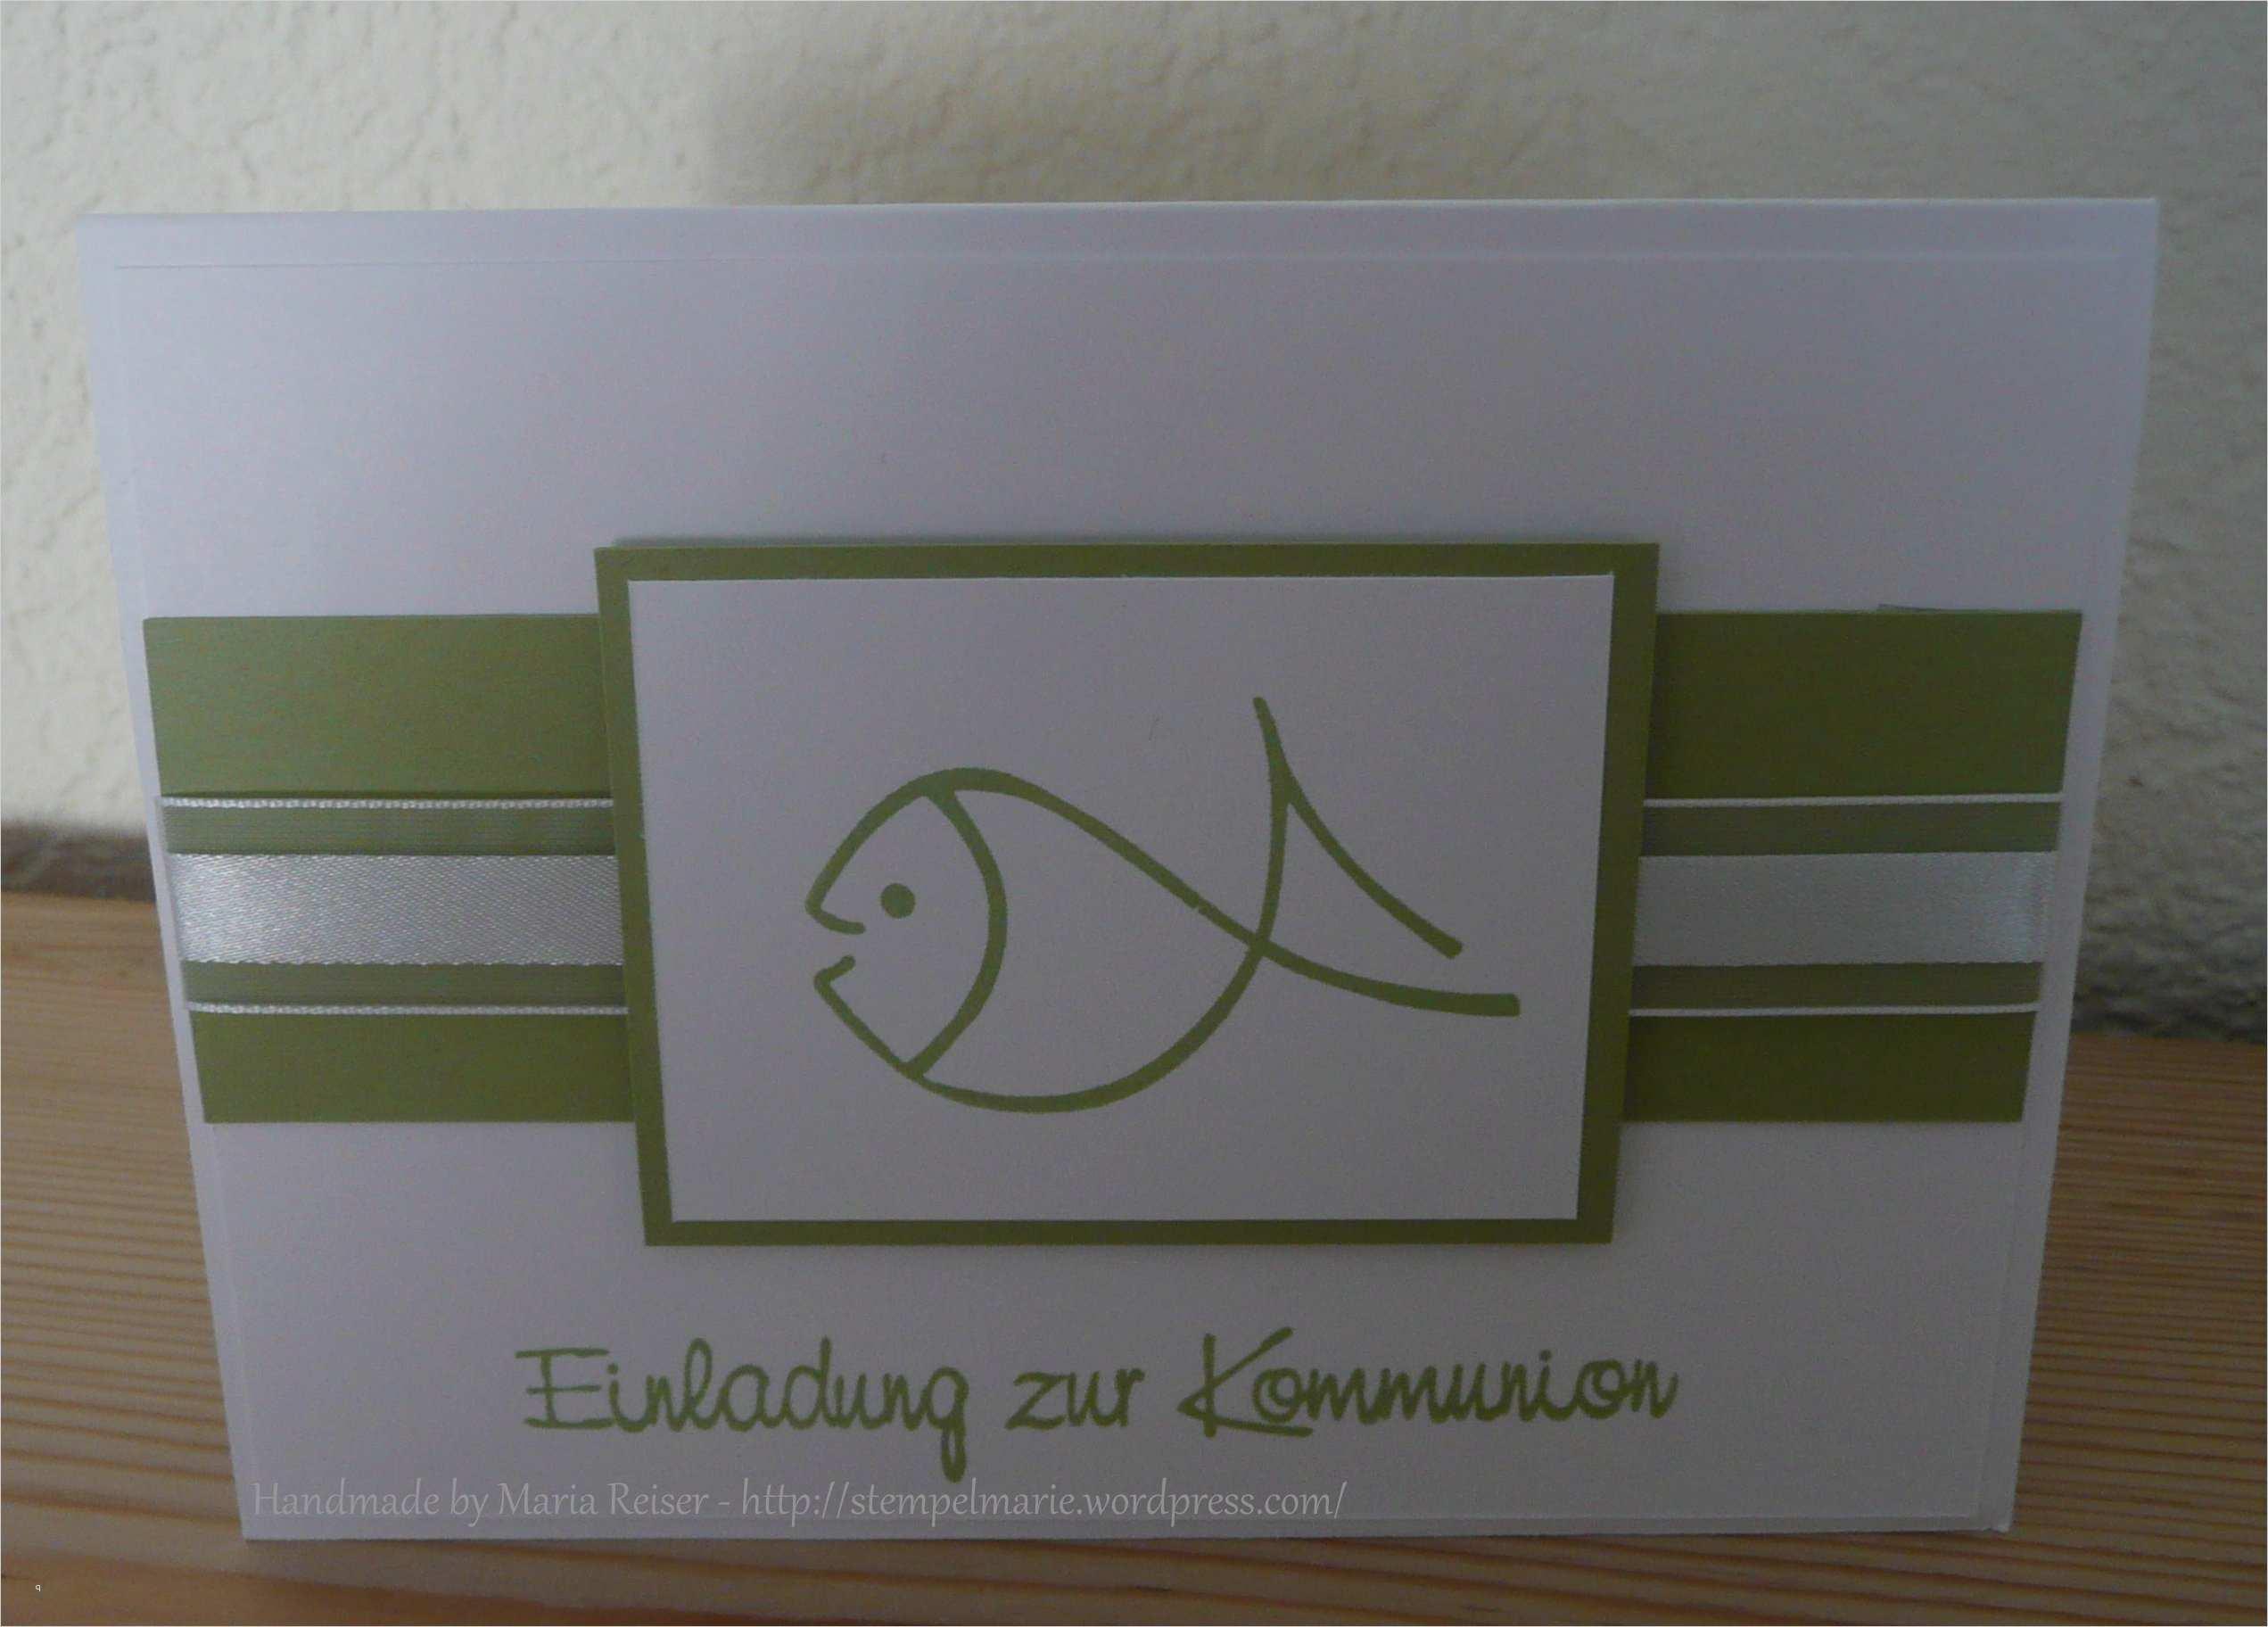 einladungskarten kommunion vorlagen gut einladungskarten